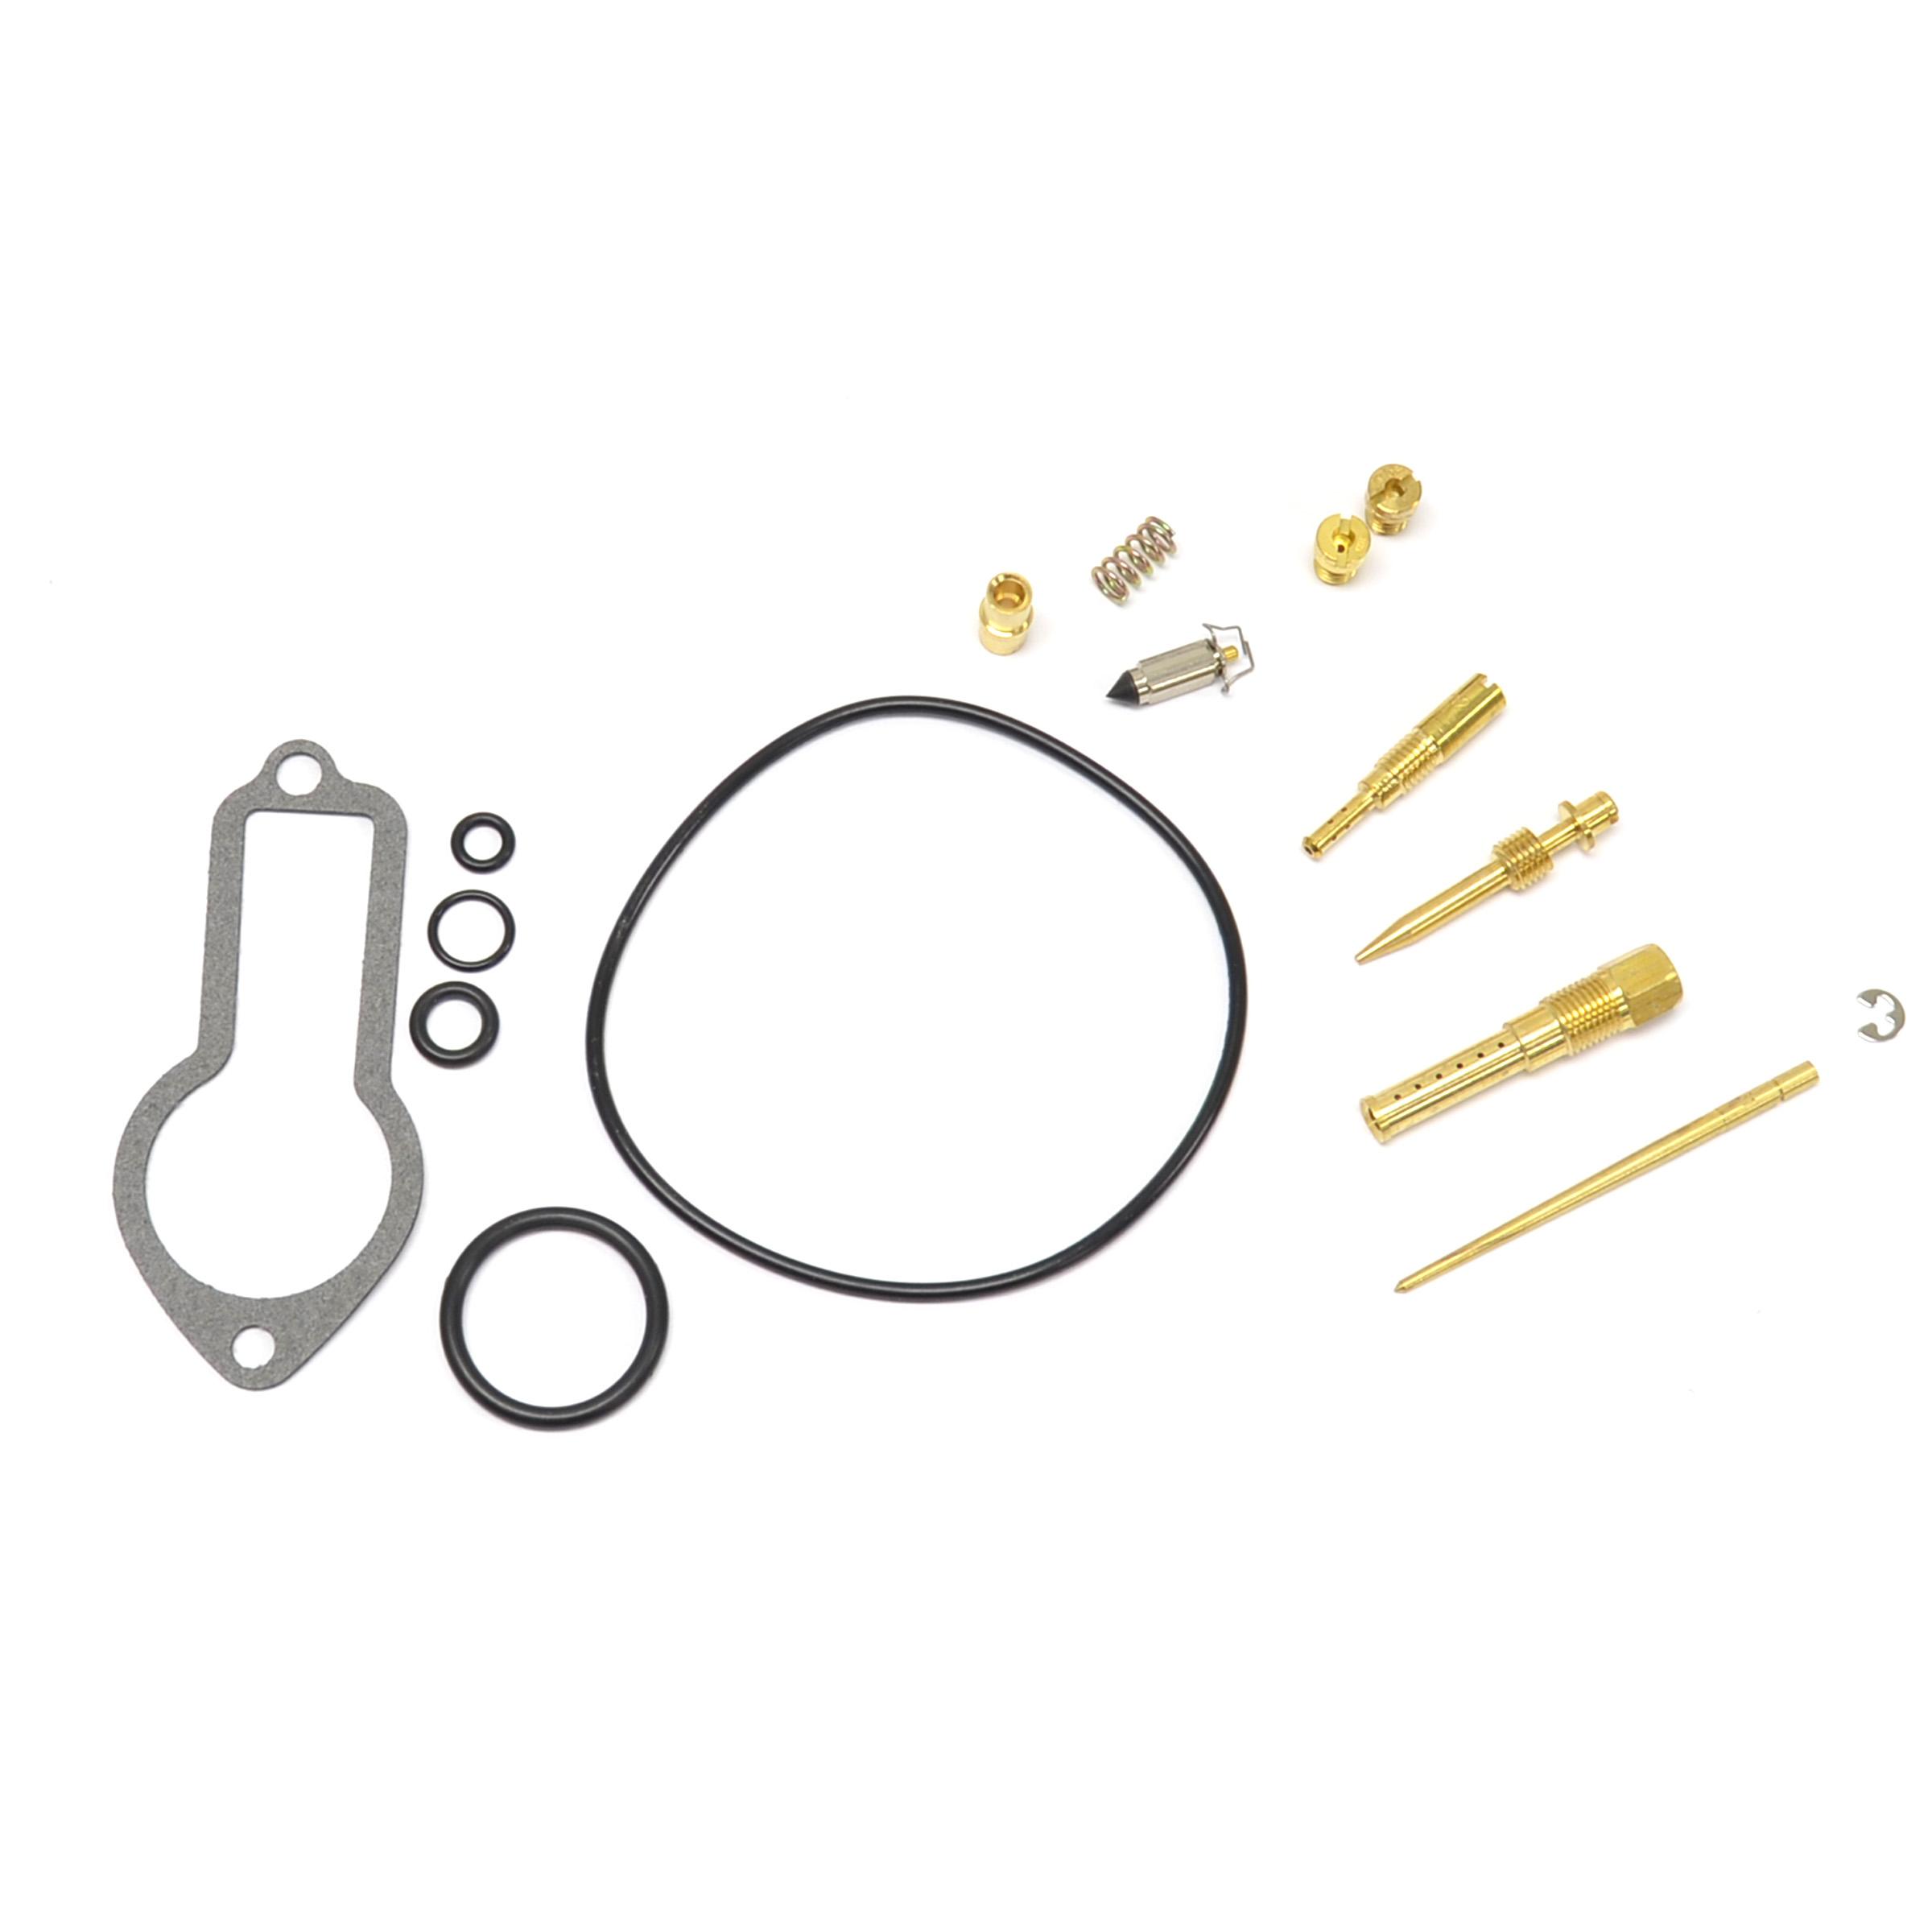 Honda Xl250r 86 87 Carburetor Carb Repair Rebuild Jet Seal Kit